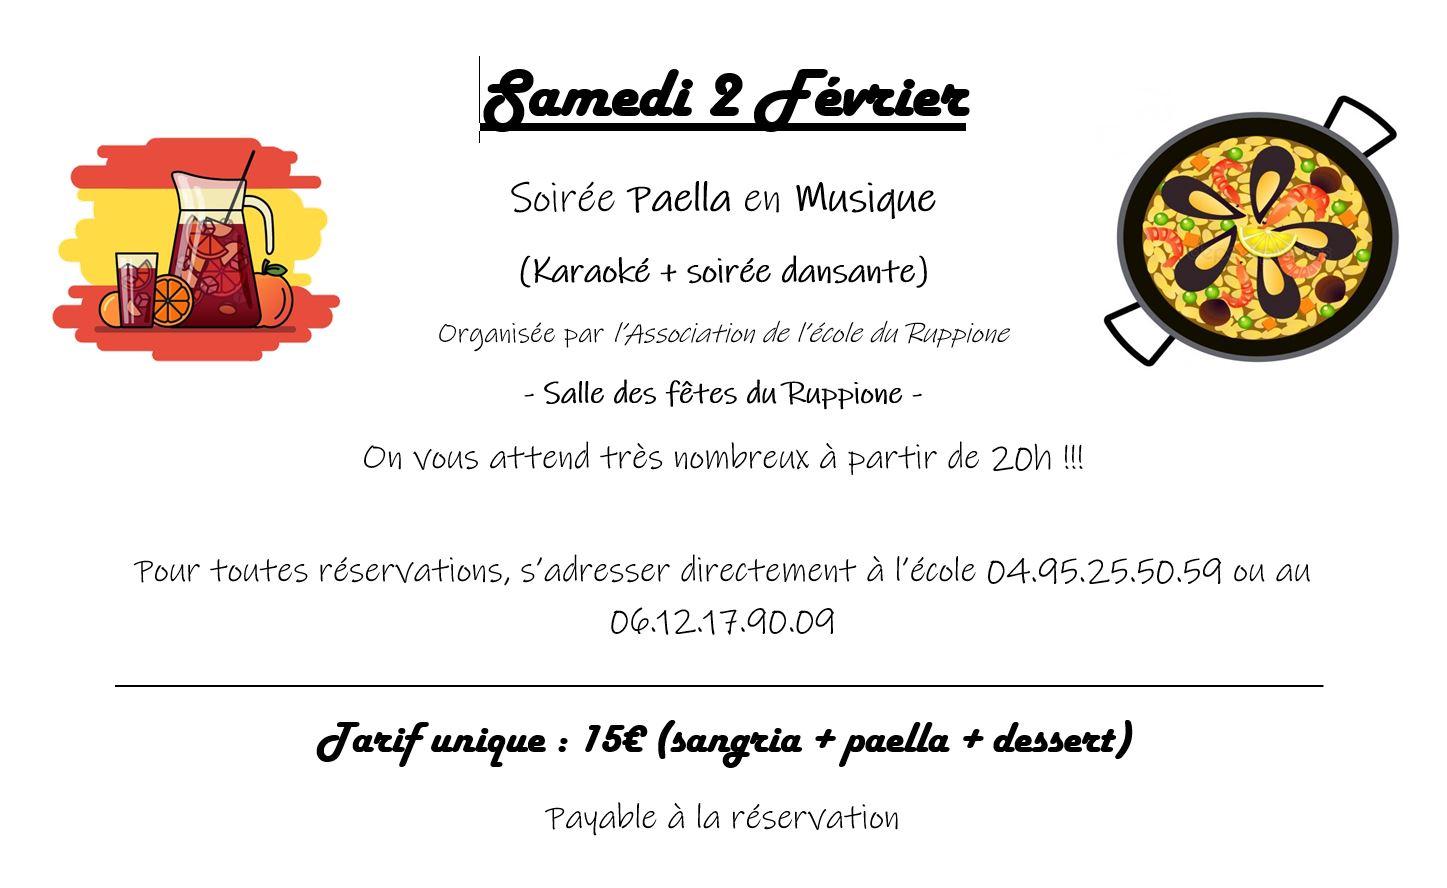 Paëlla, karaoké et soirée dansante pour soutenir le voyage scolaire des élèves de l'école du Ruppione